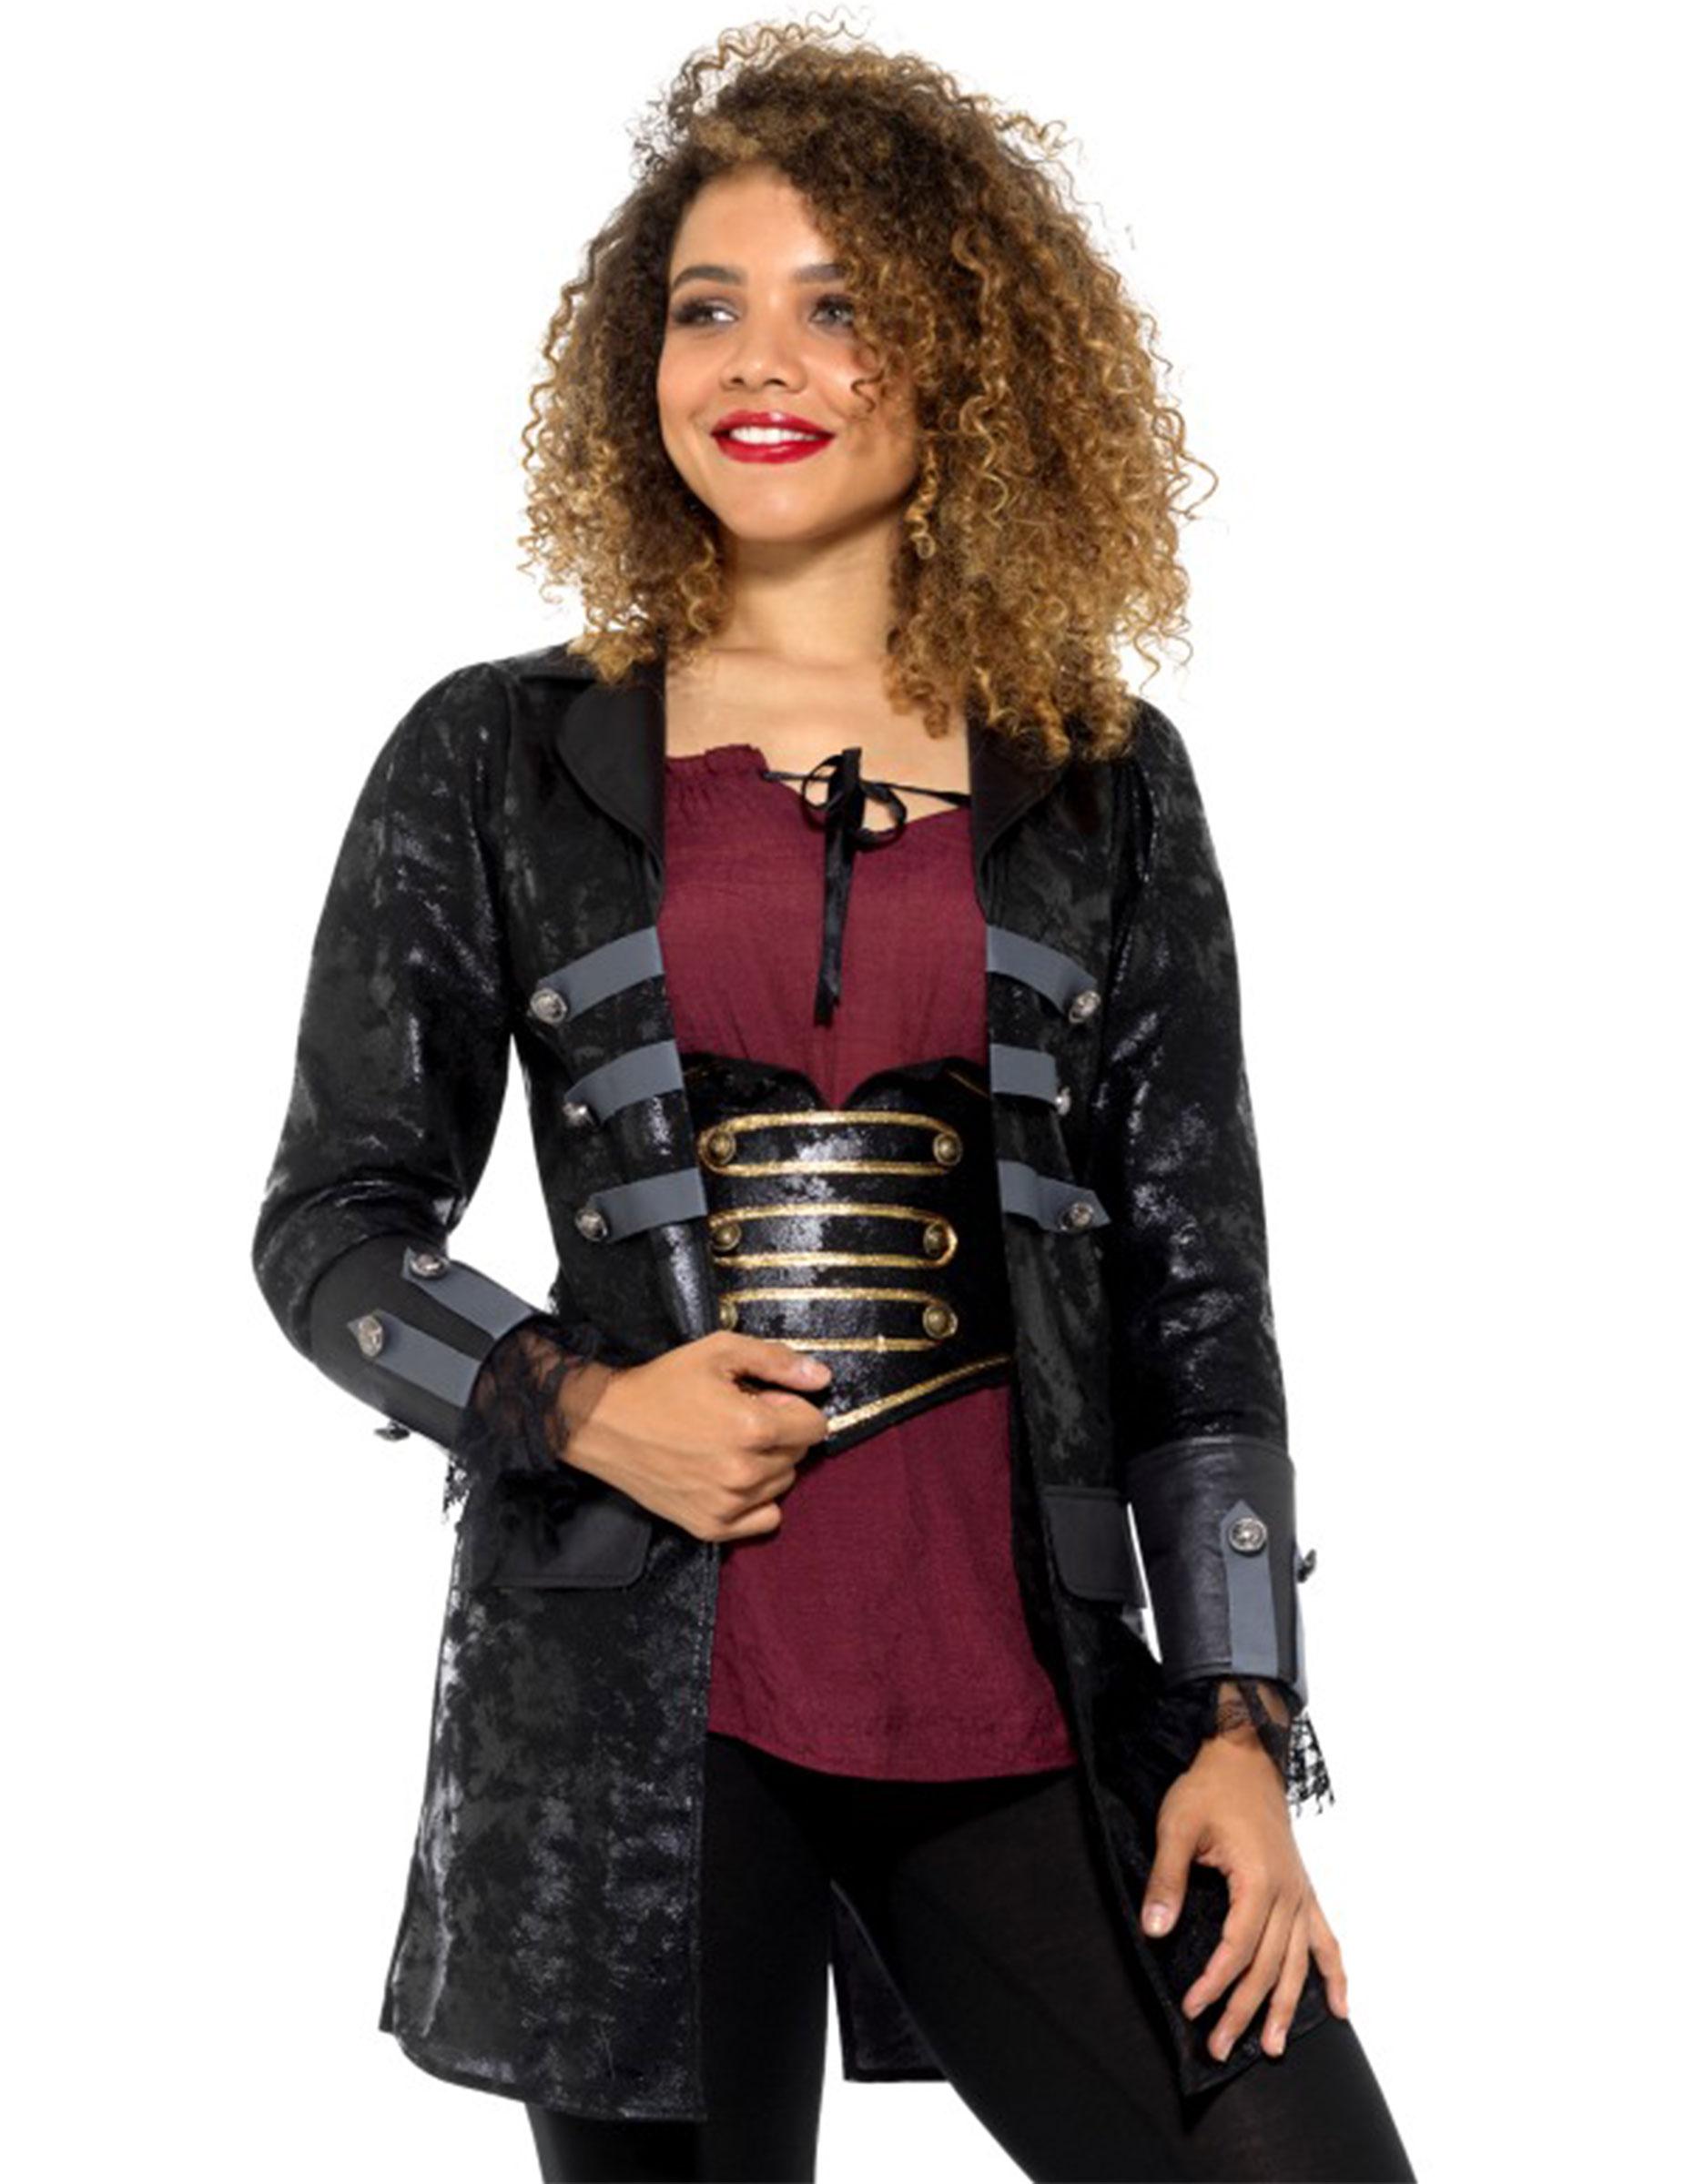 Pirata Lujo Adultos Disfraces Abrigo Mujer Originales y qOUTxUw57d